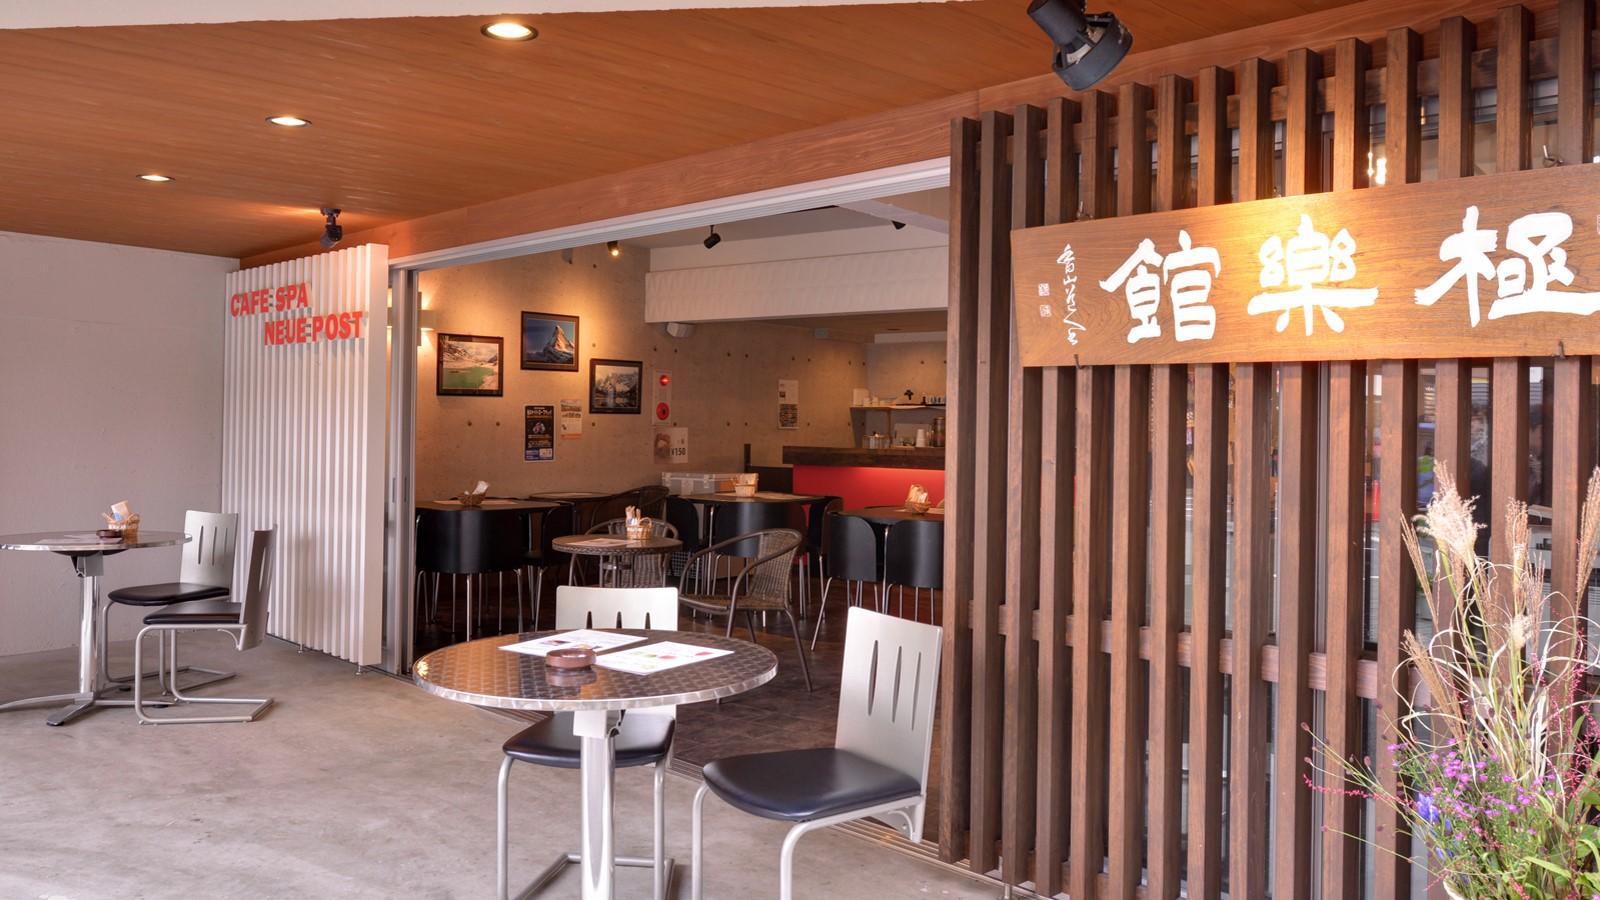 *カフェ・スパ・ノイエポスト(1F)/本格的なドリップコーヒーを楽しめるオープンカフェ